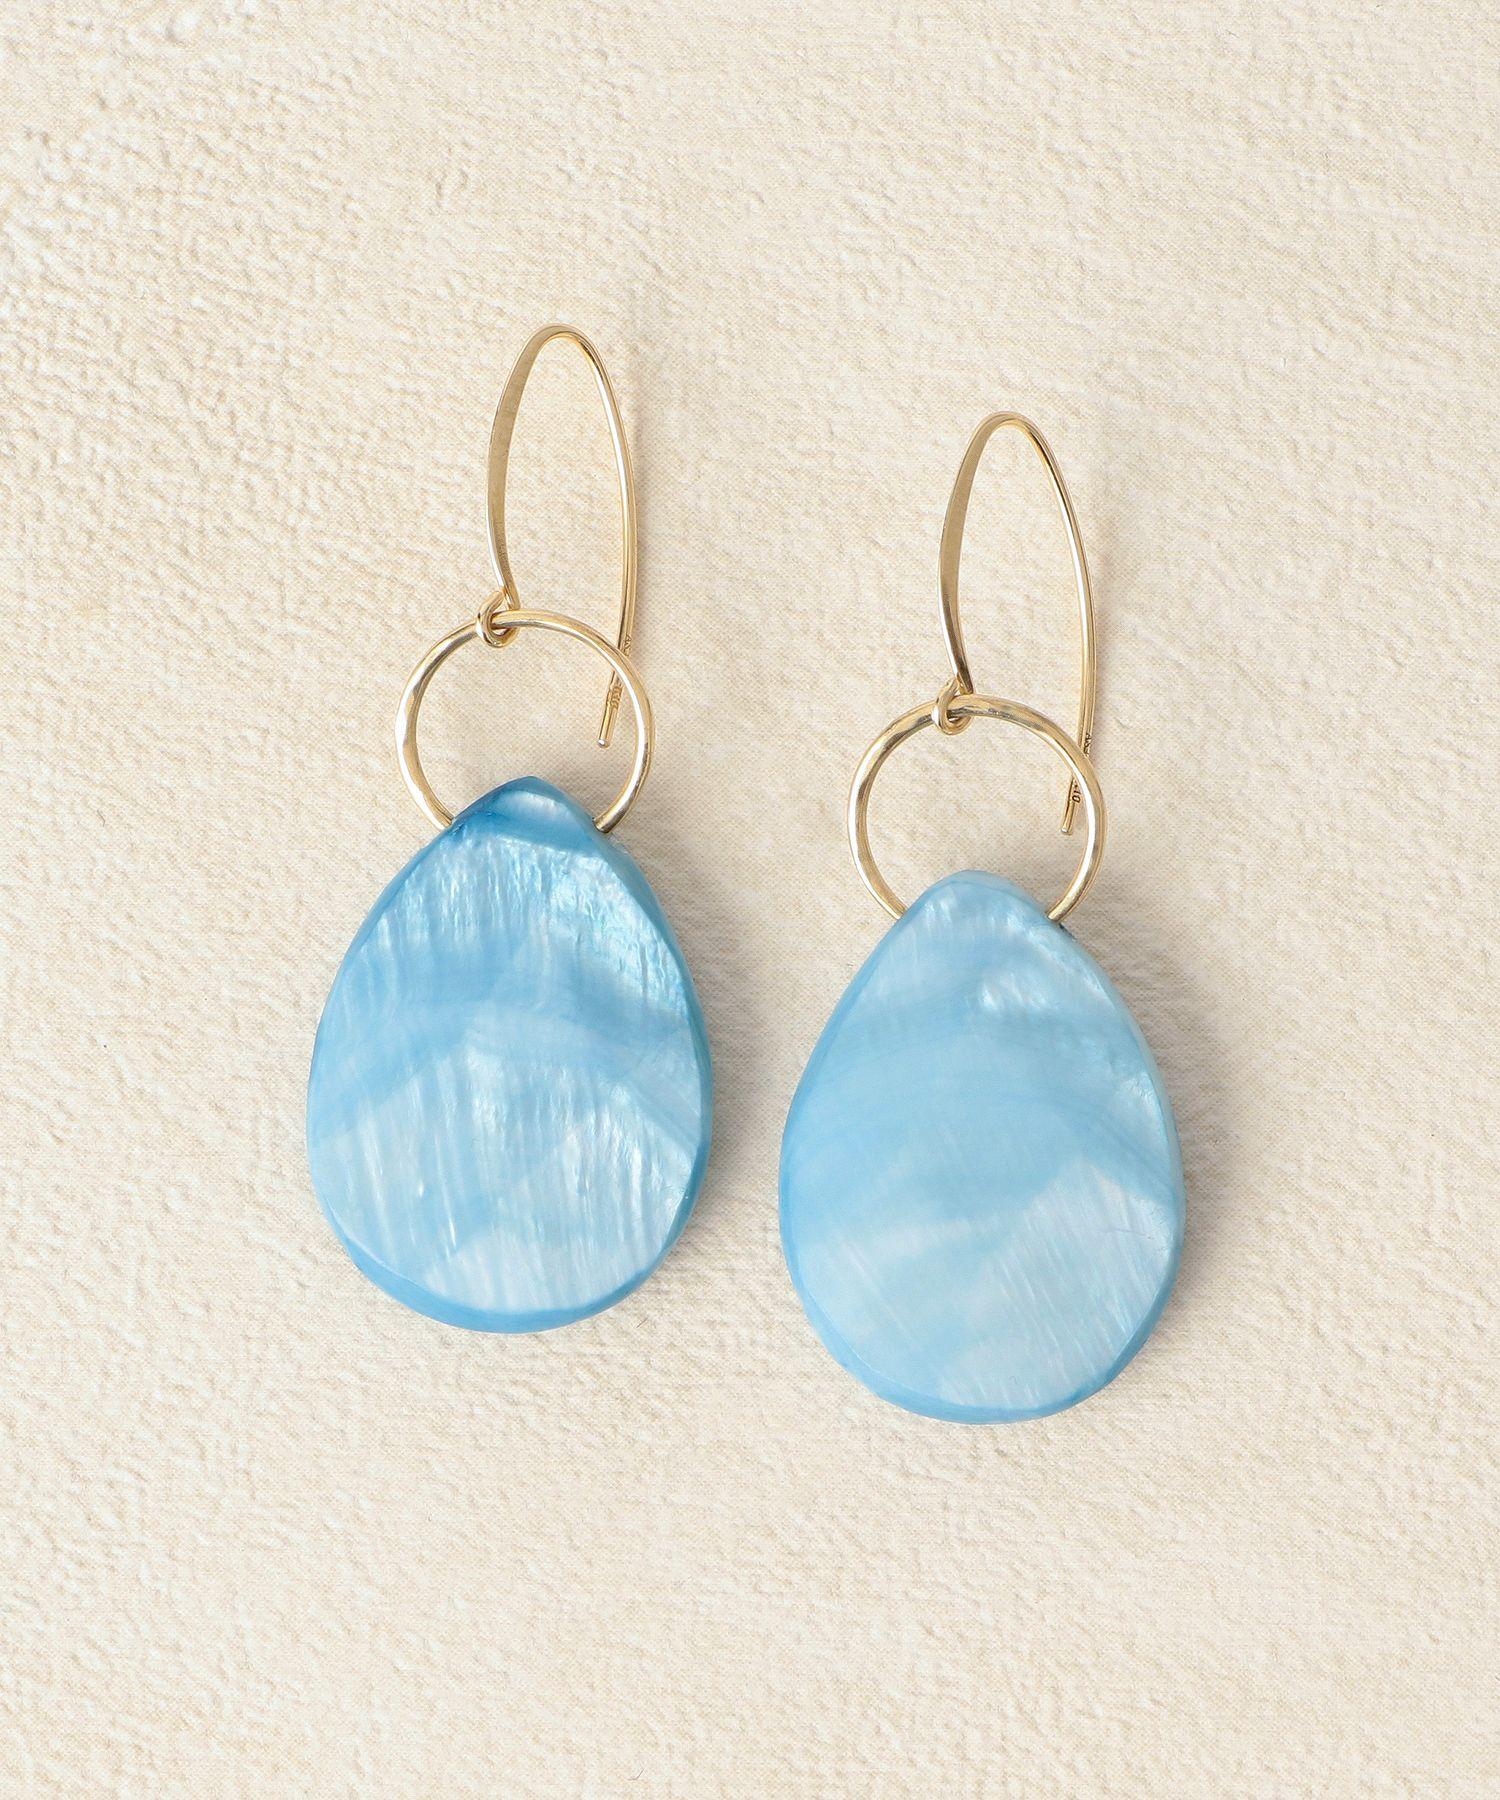 K10両耳用藍染めシェルピアス